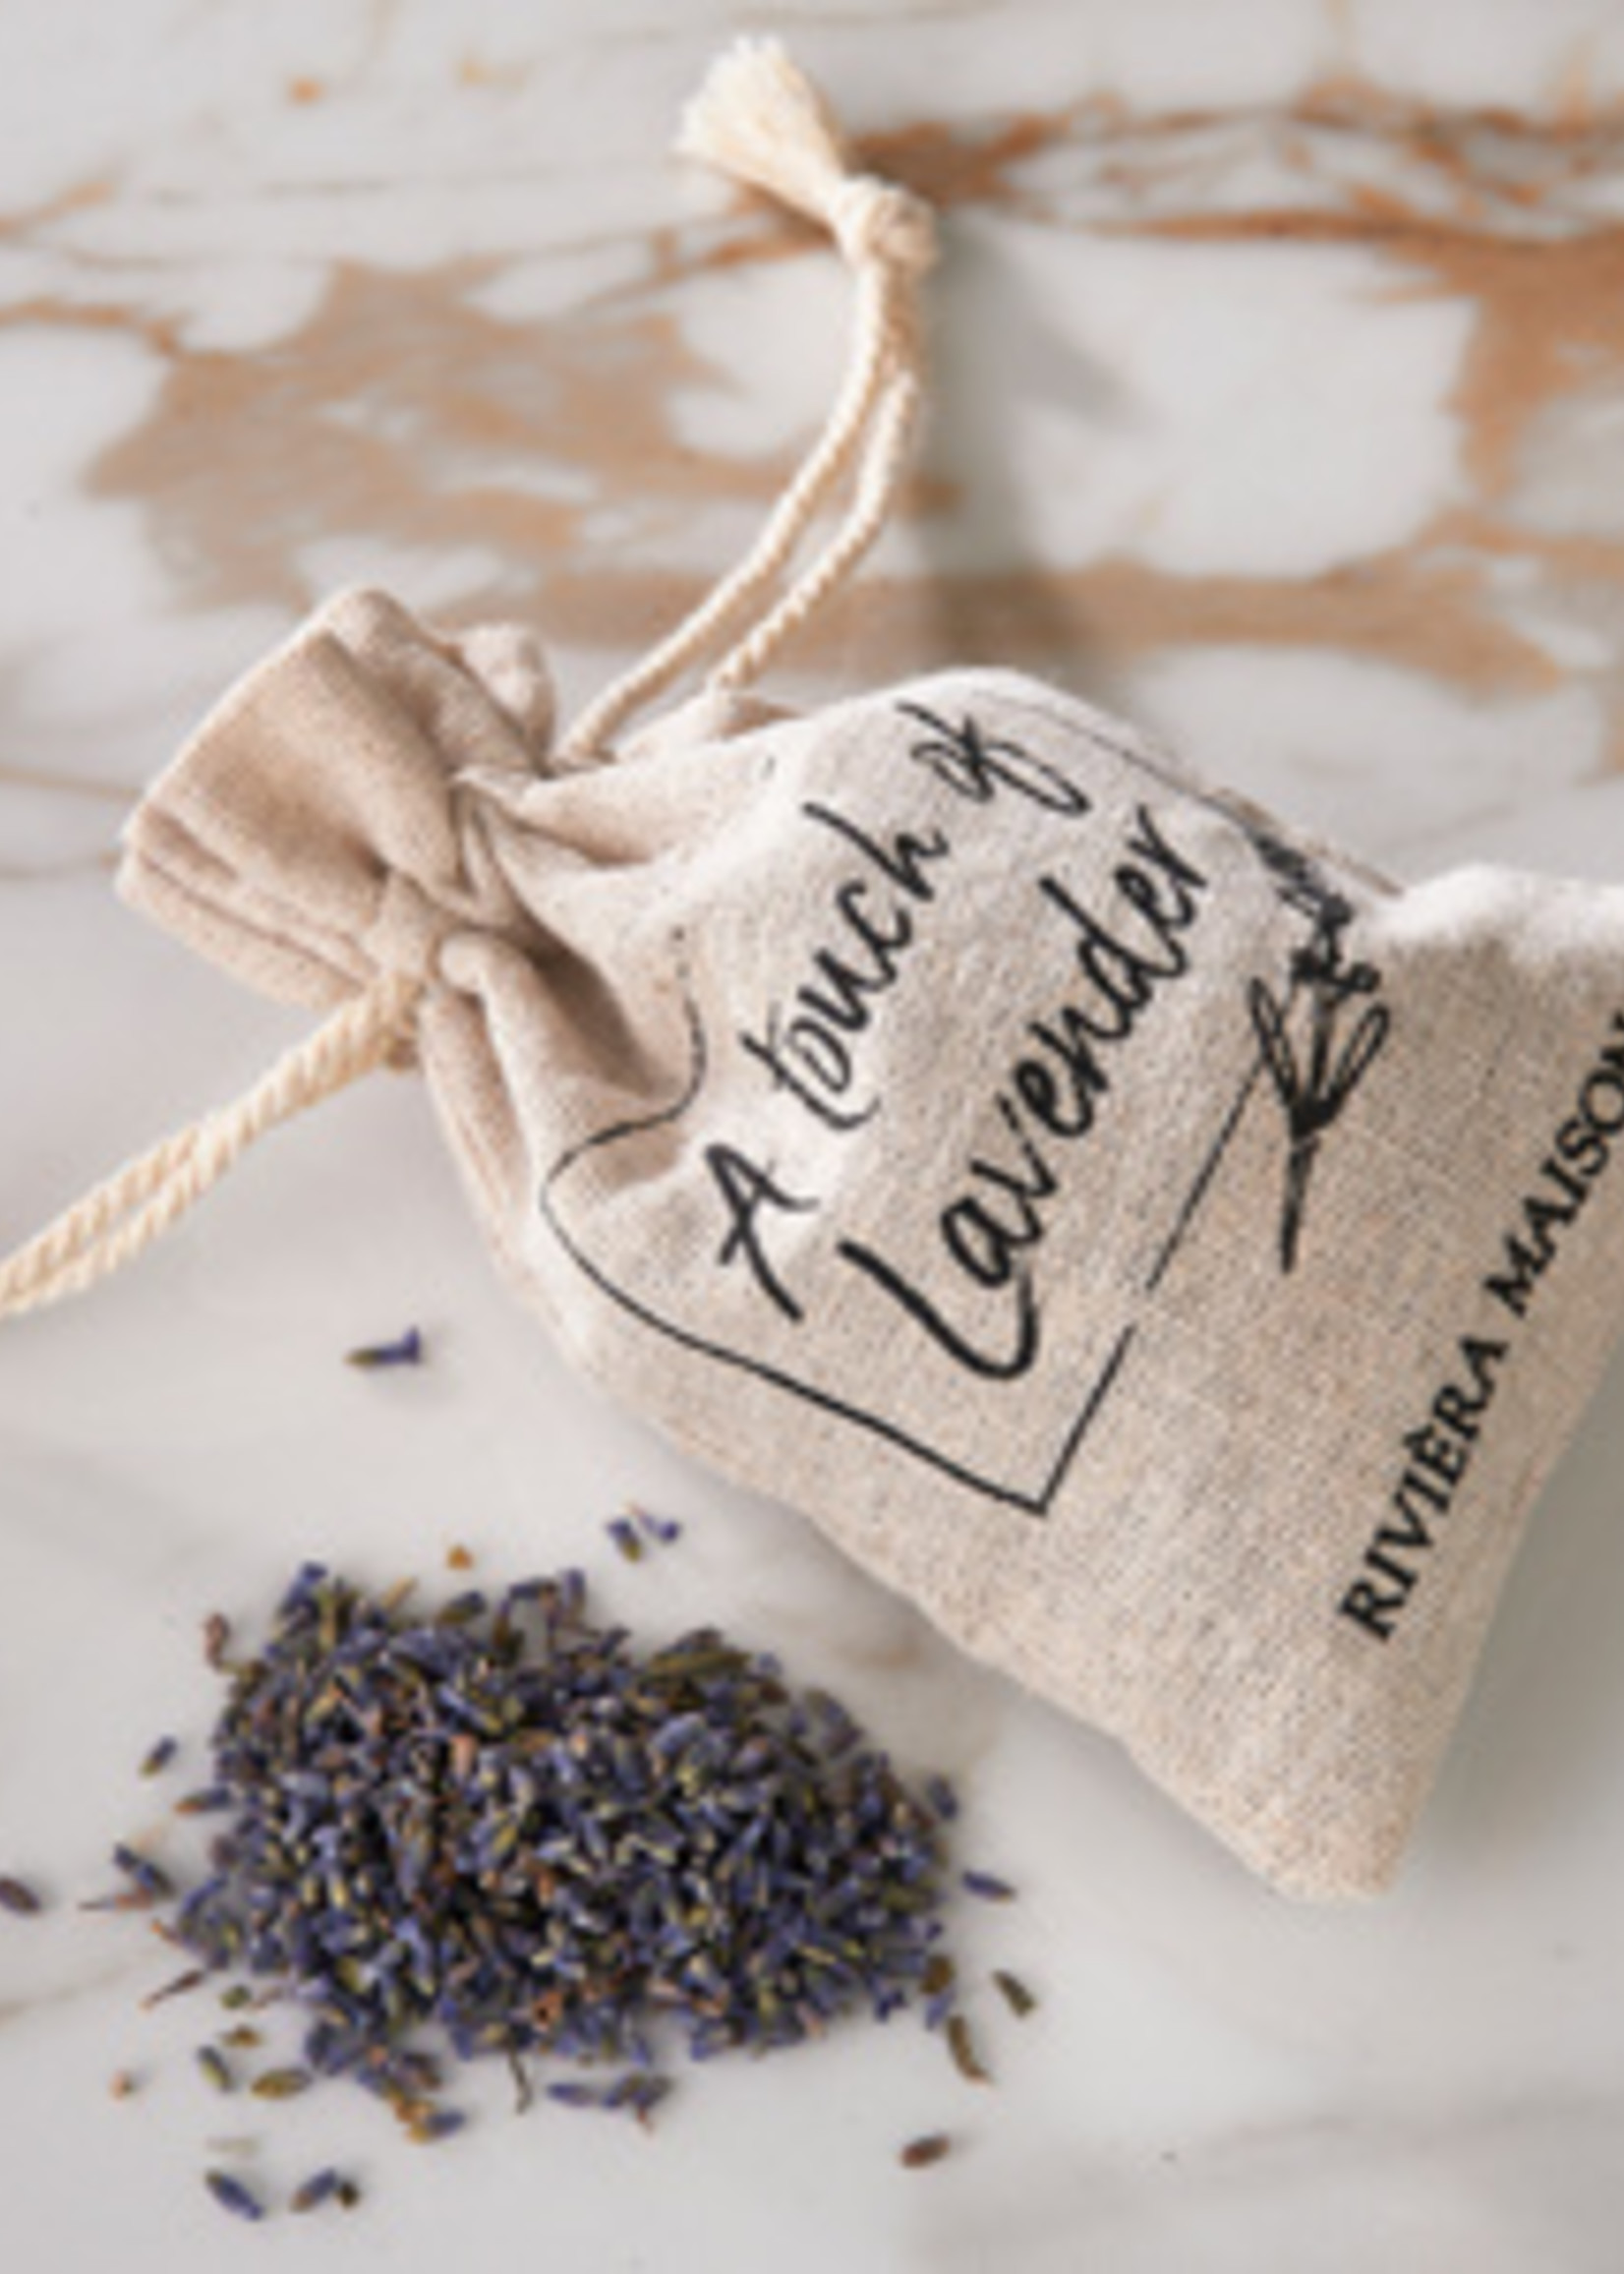 Riviera Maison Sweet Dreams Lavender Bag